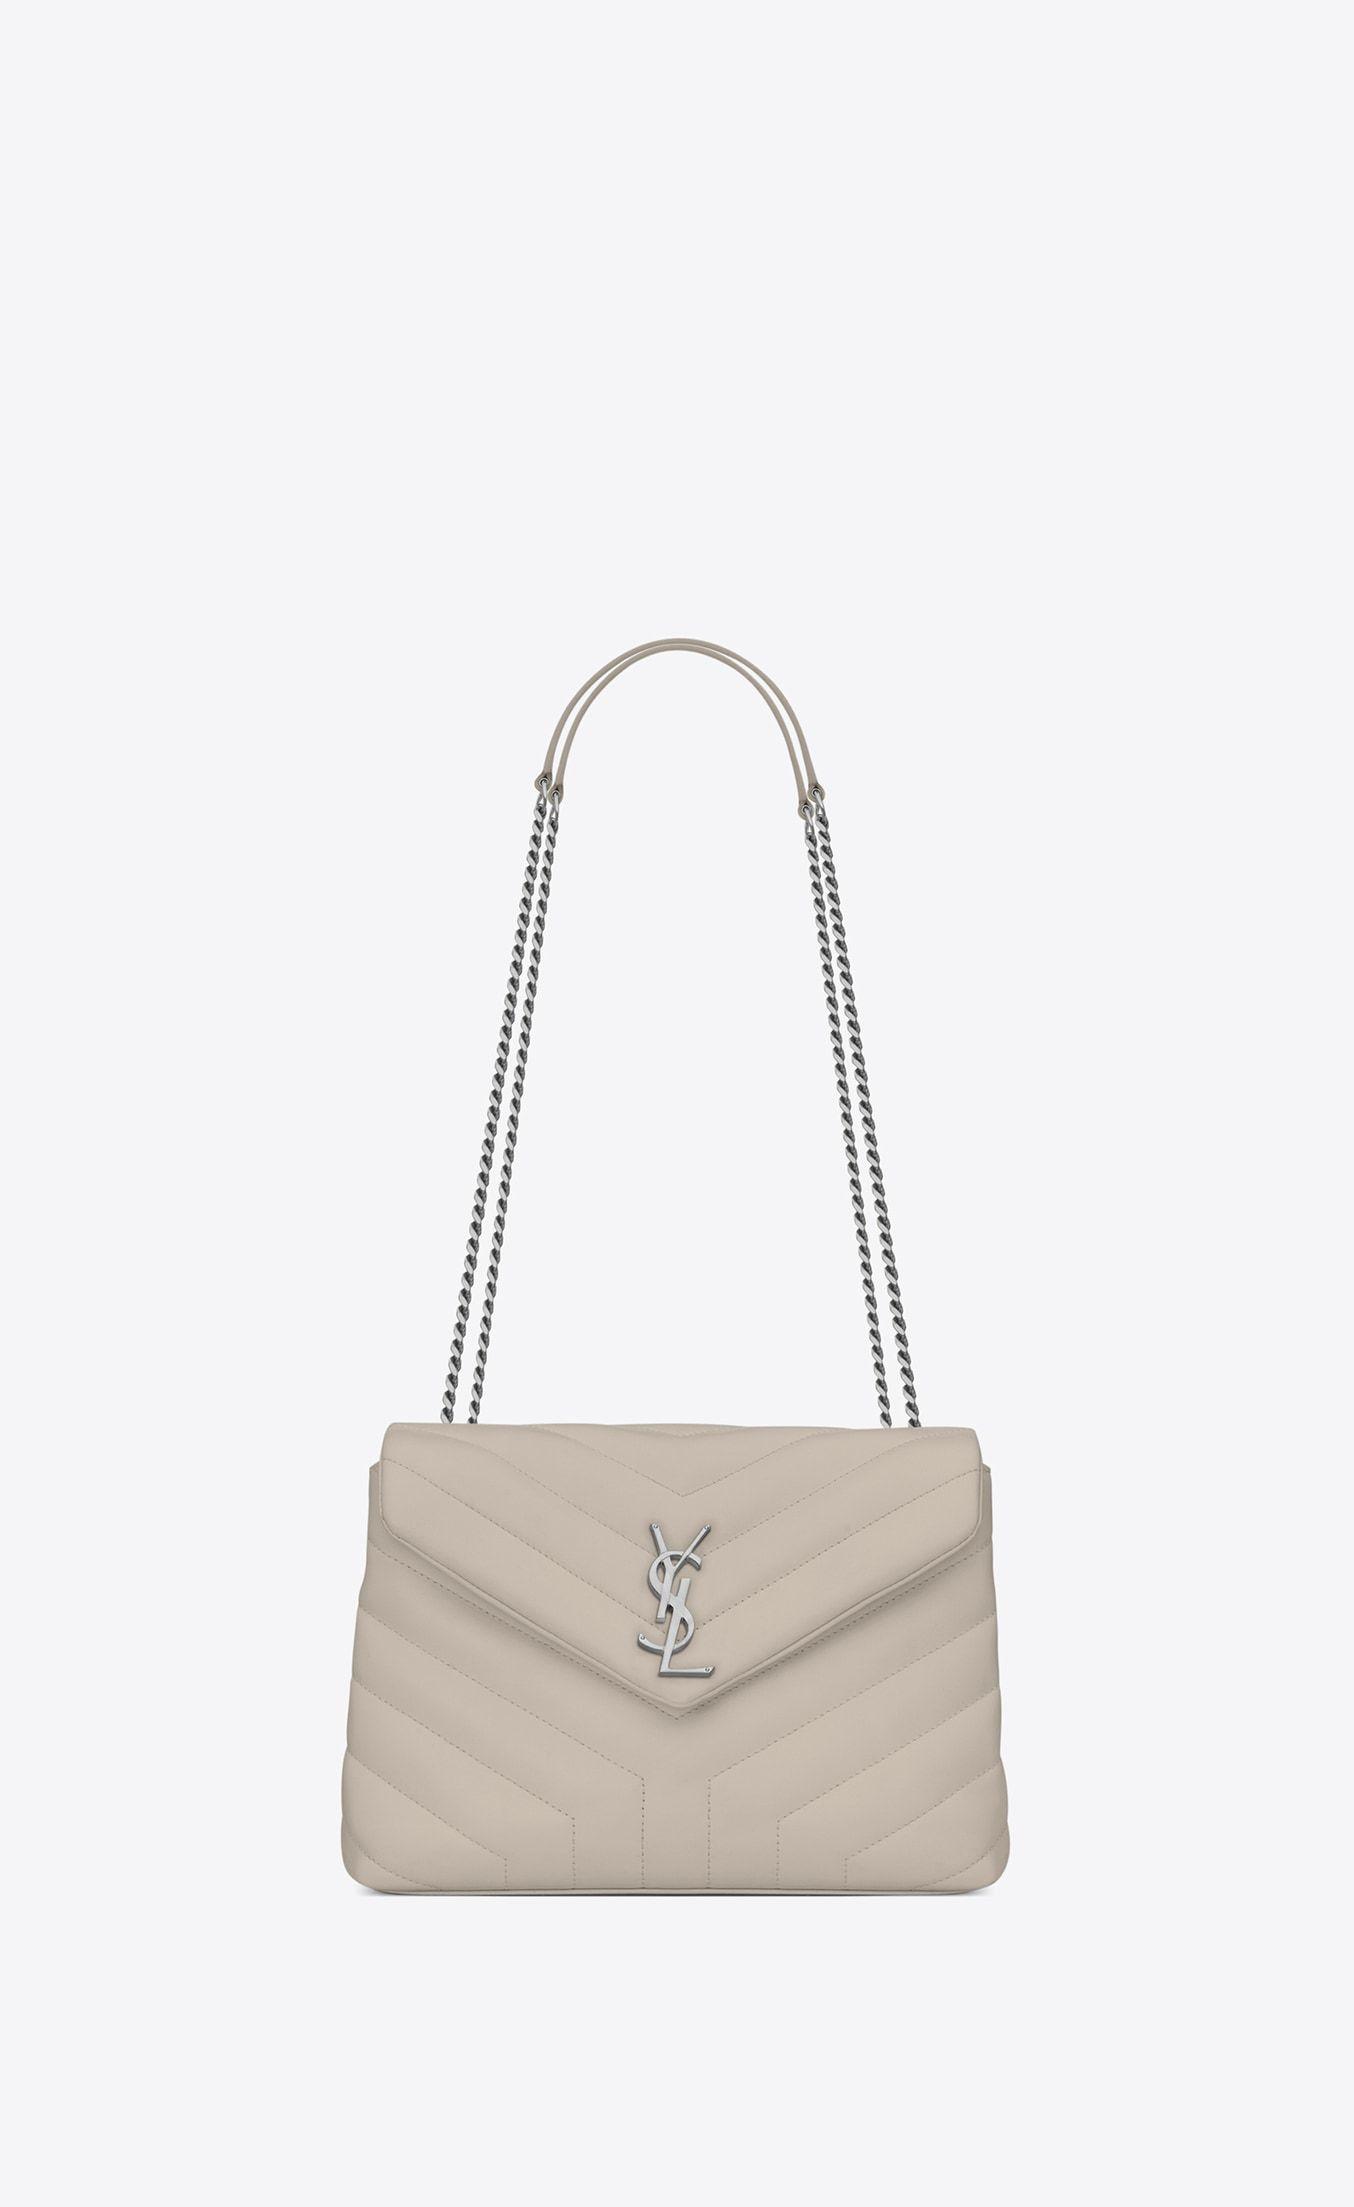 09084cf7da4 Saint Laurent Small Loulou Bag in